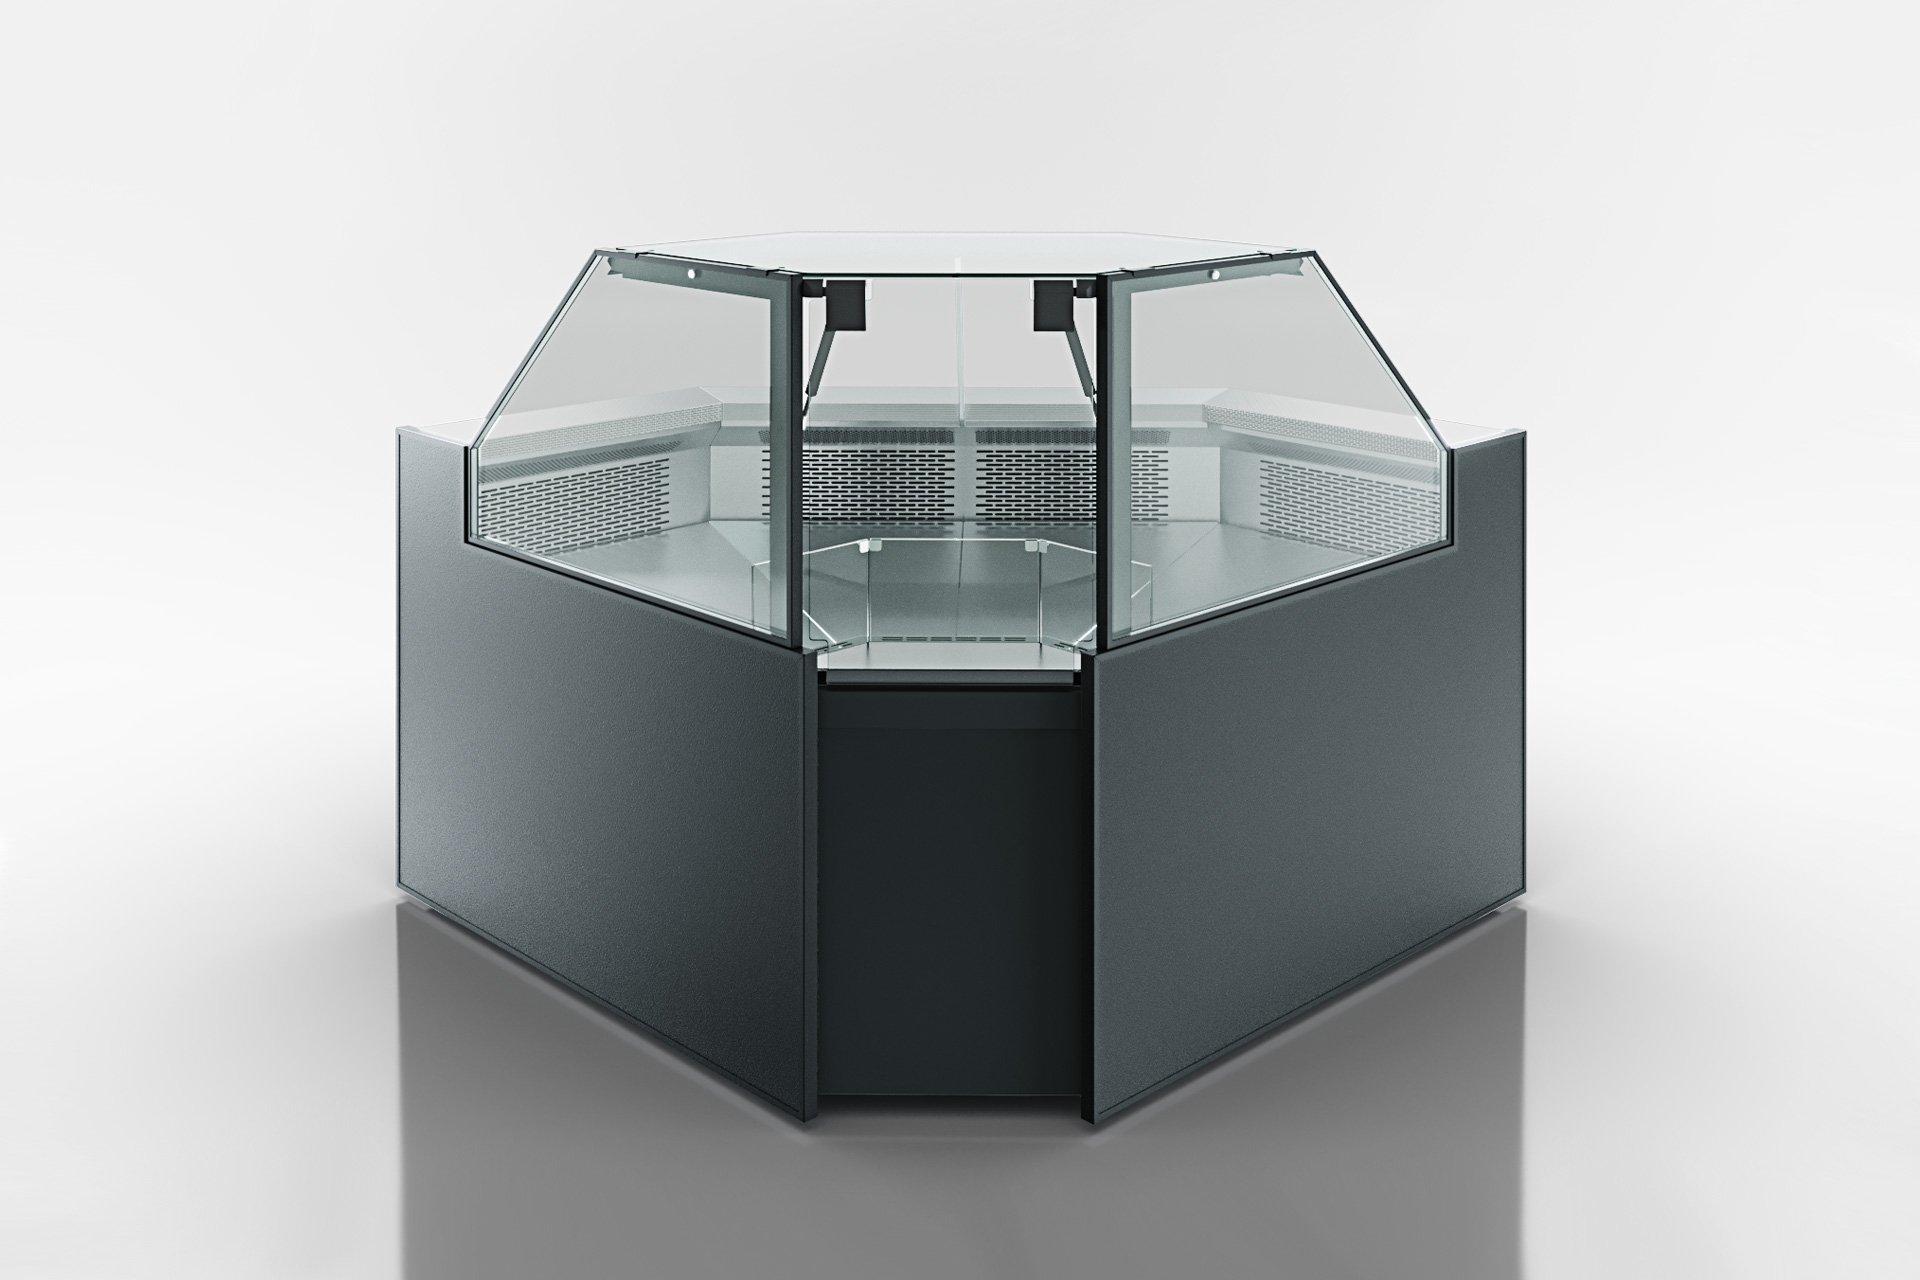 Eckelemente der Kühlfenstern Missouri MC 120 deli PS 130-DBM-IS90